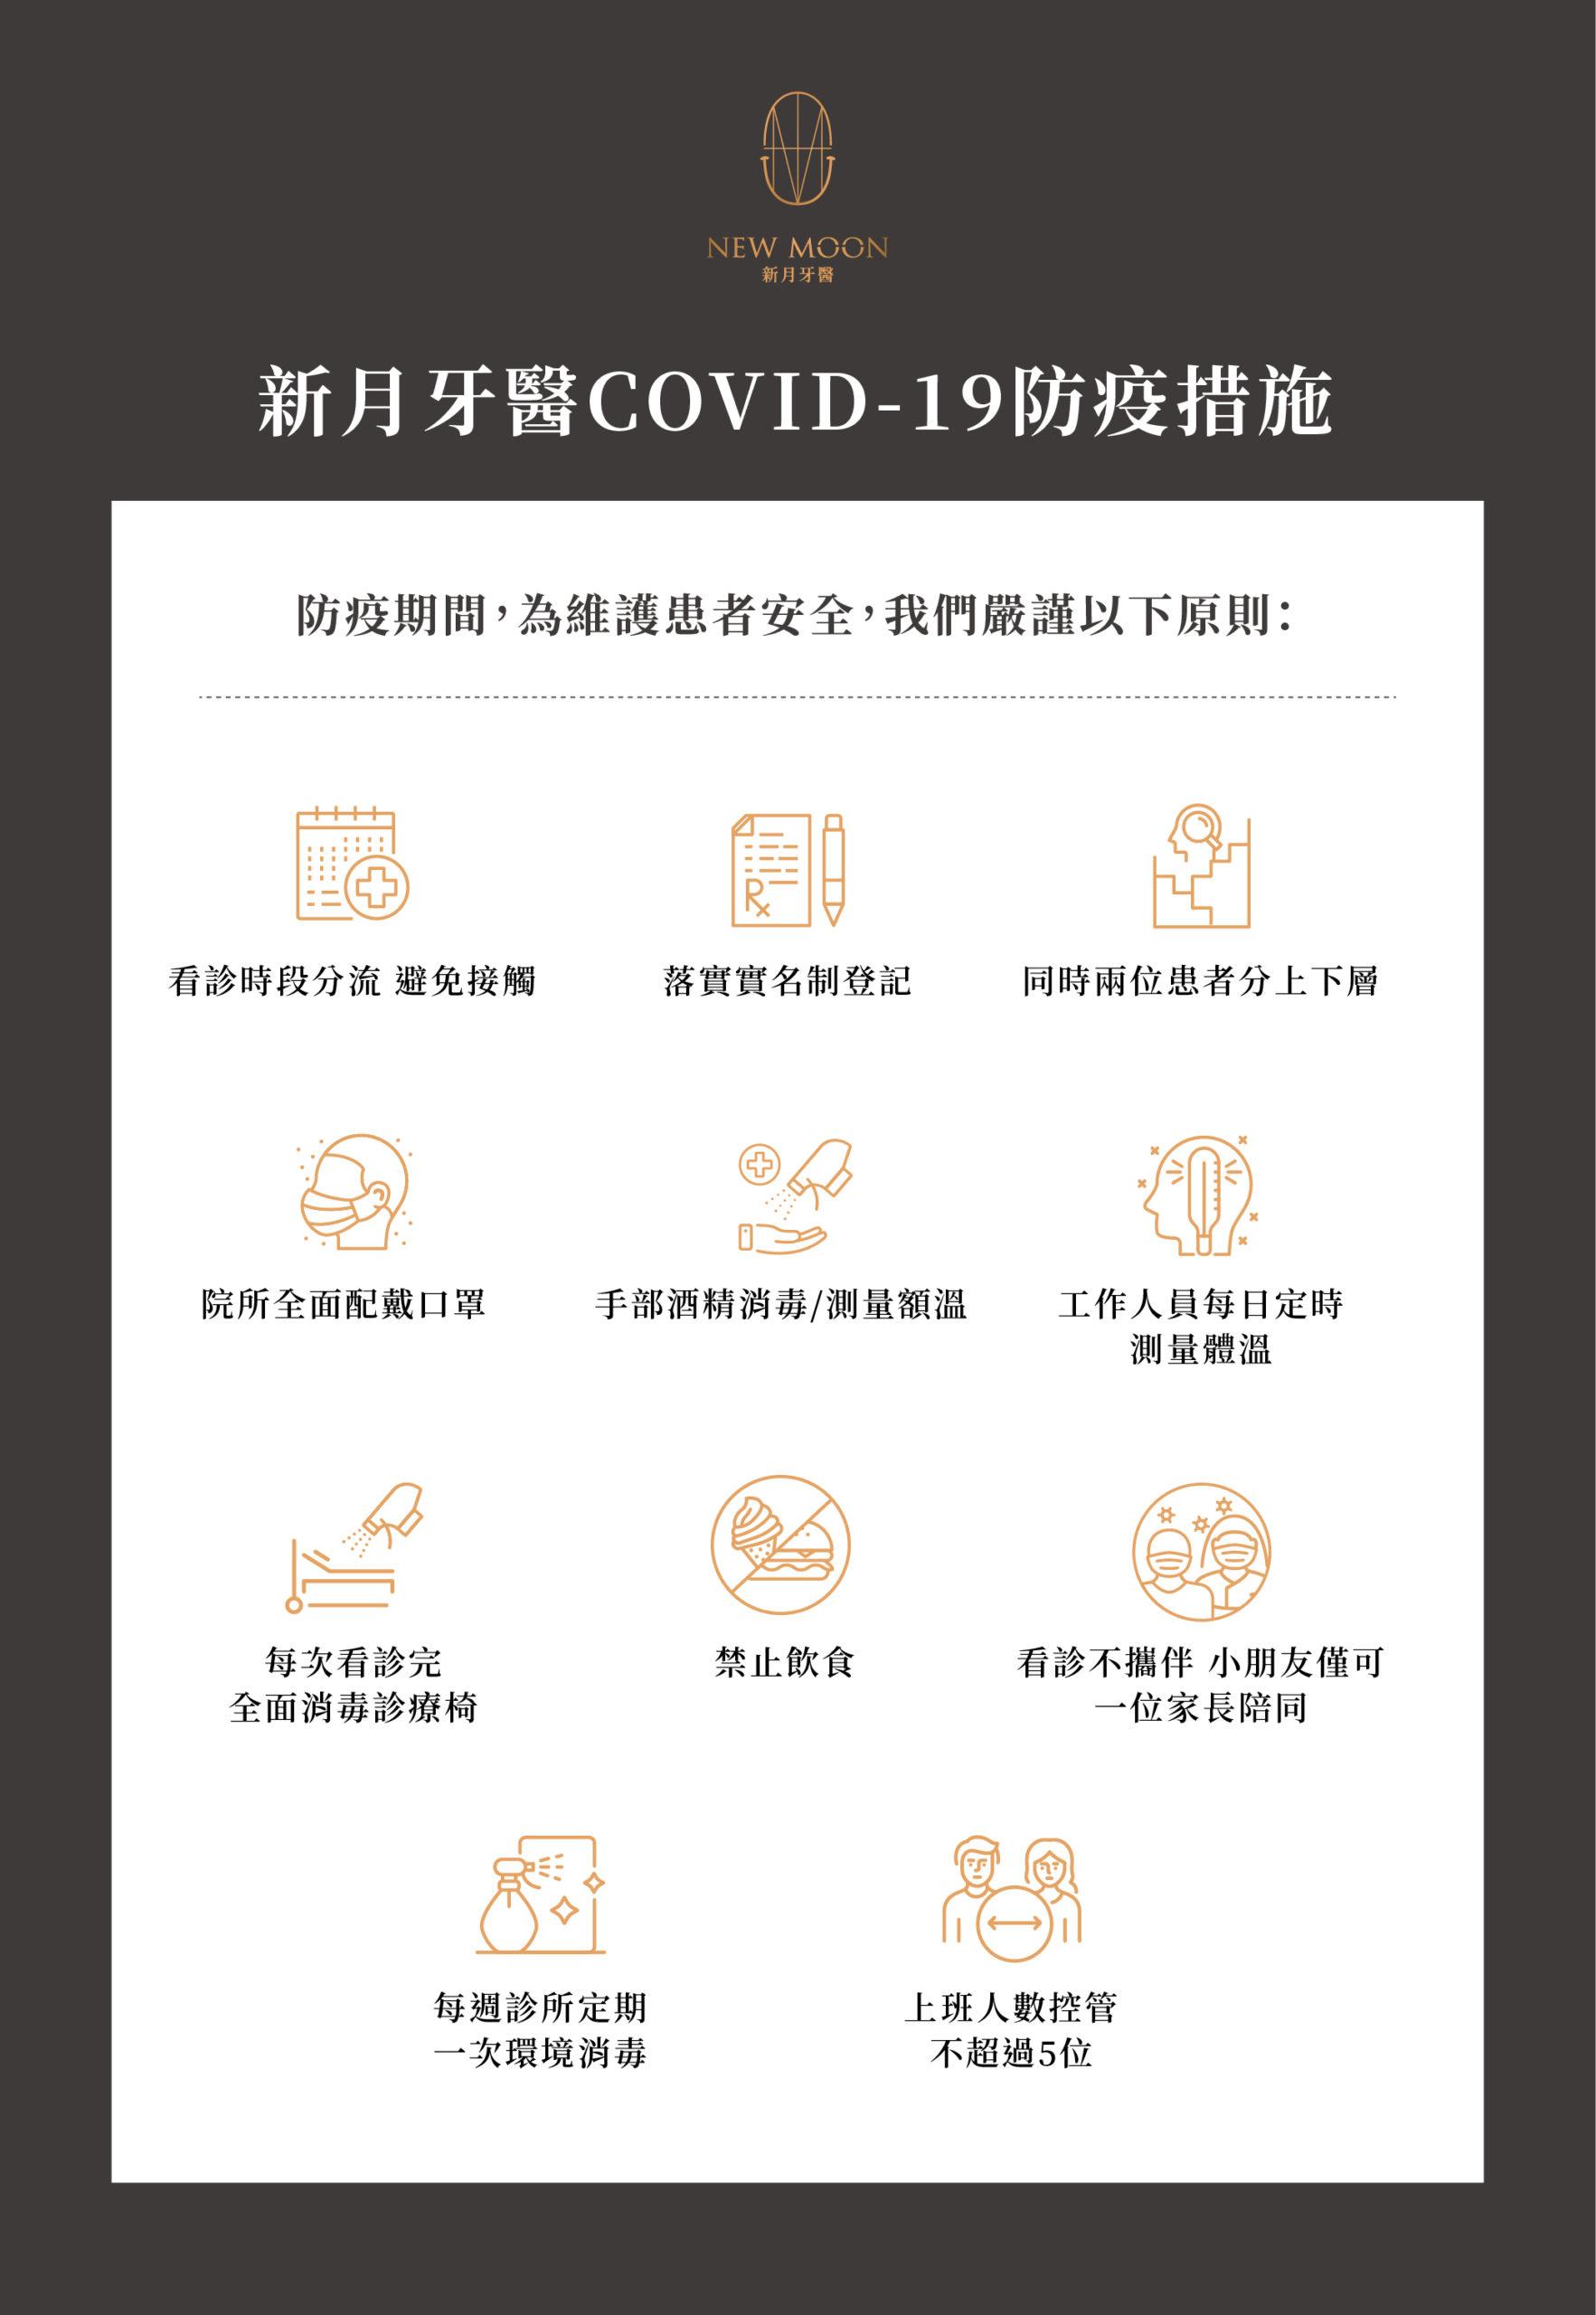 新冠肺炎COVID-19防疫措施公告